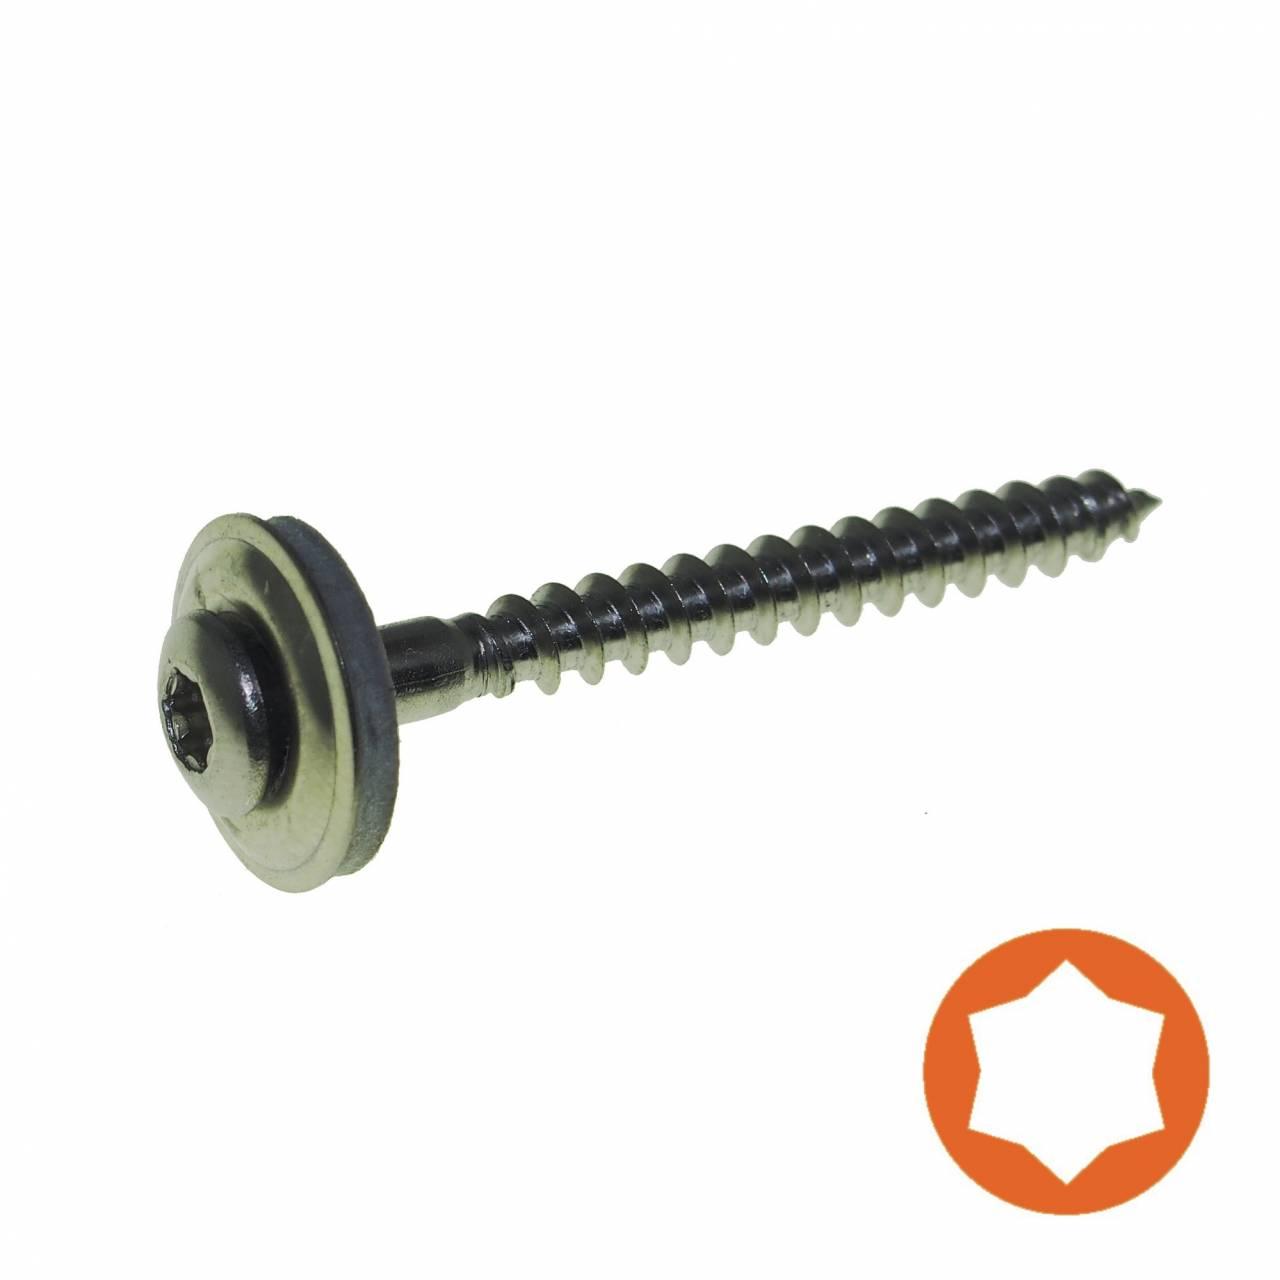 Spenglerschraube A2 4,5 x 25 mm, Scheibe Ø 15 mm / Pck a 100 Stück